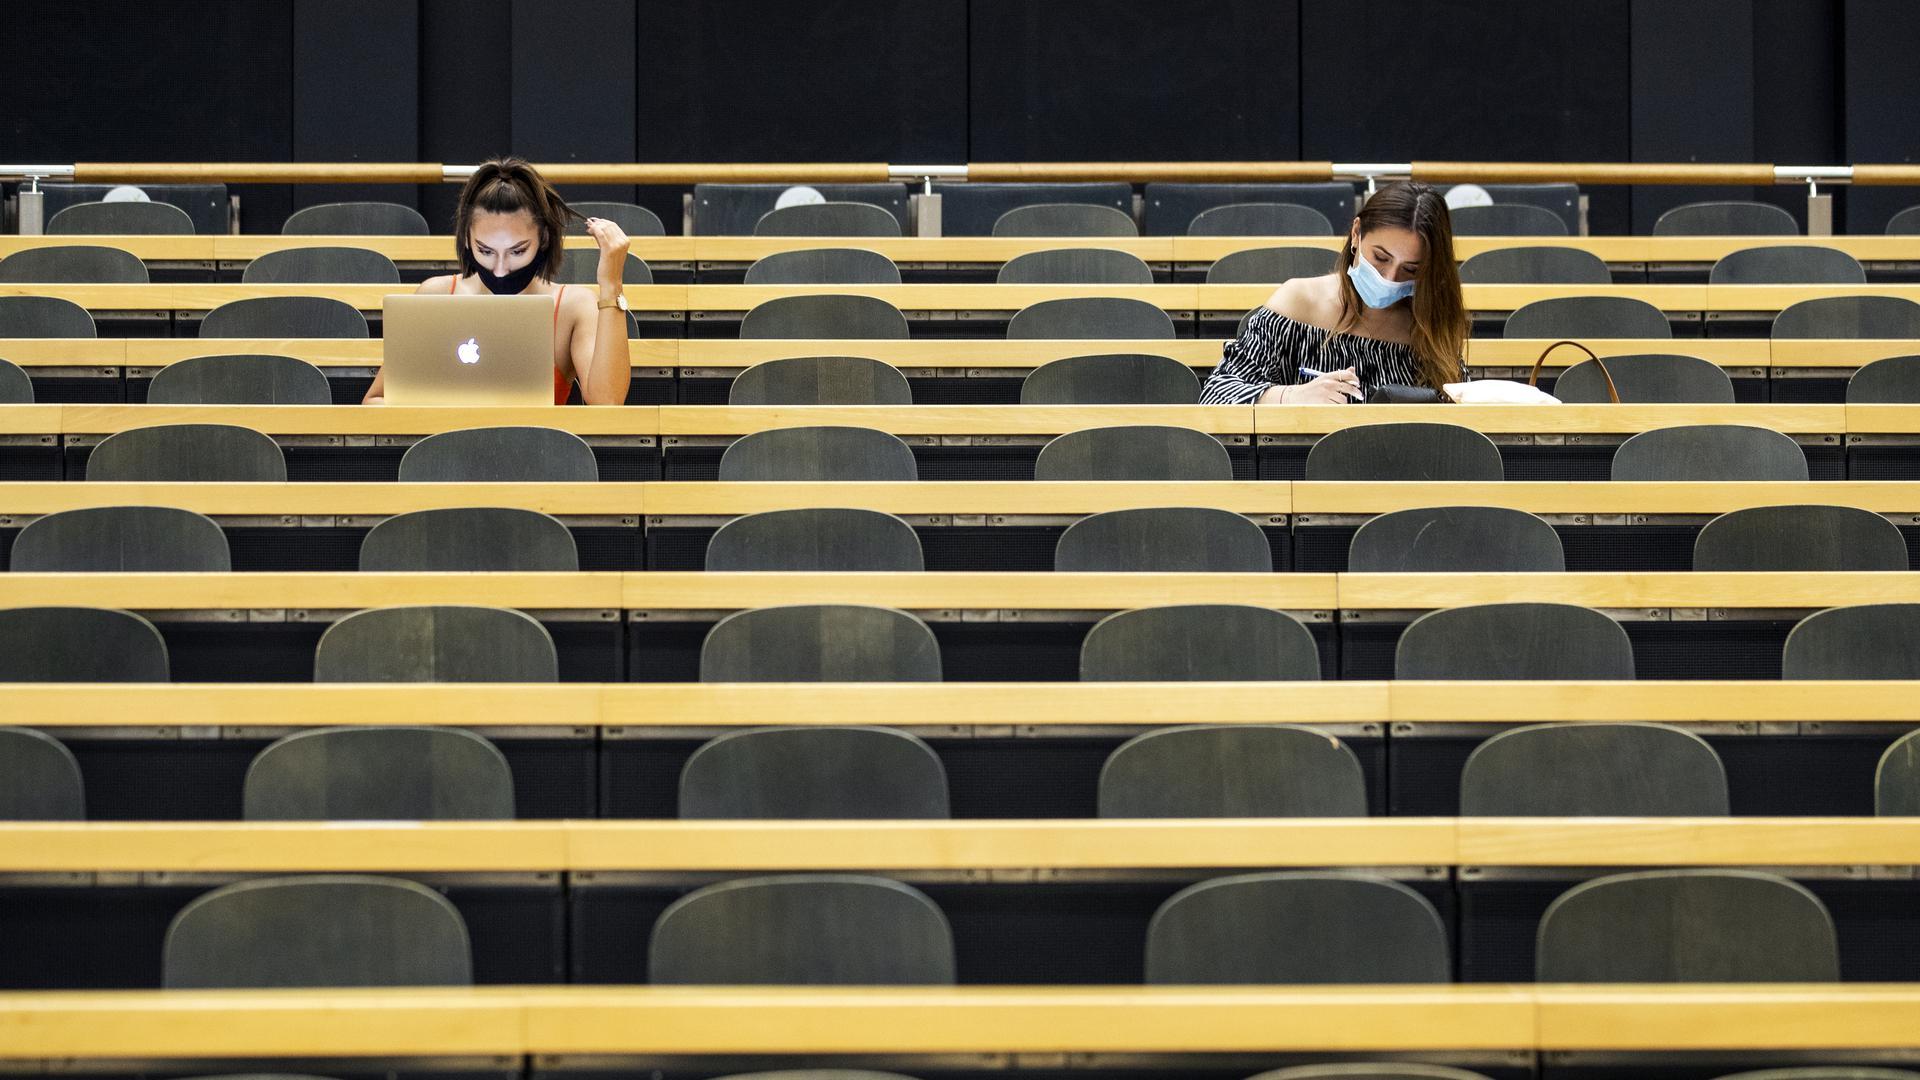 Studentinnen mit Mund-Nasen-Schutz sitzen in einem Hörsaal der Universität Zürich (UZH) am Tag der Rückkehr der Studenten an die Universität nach der Sommerpause.